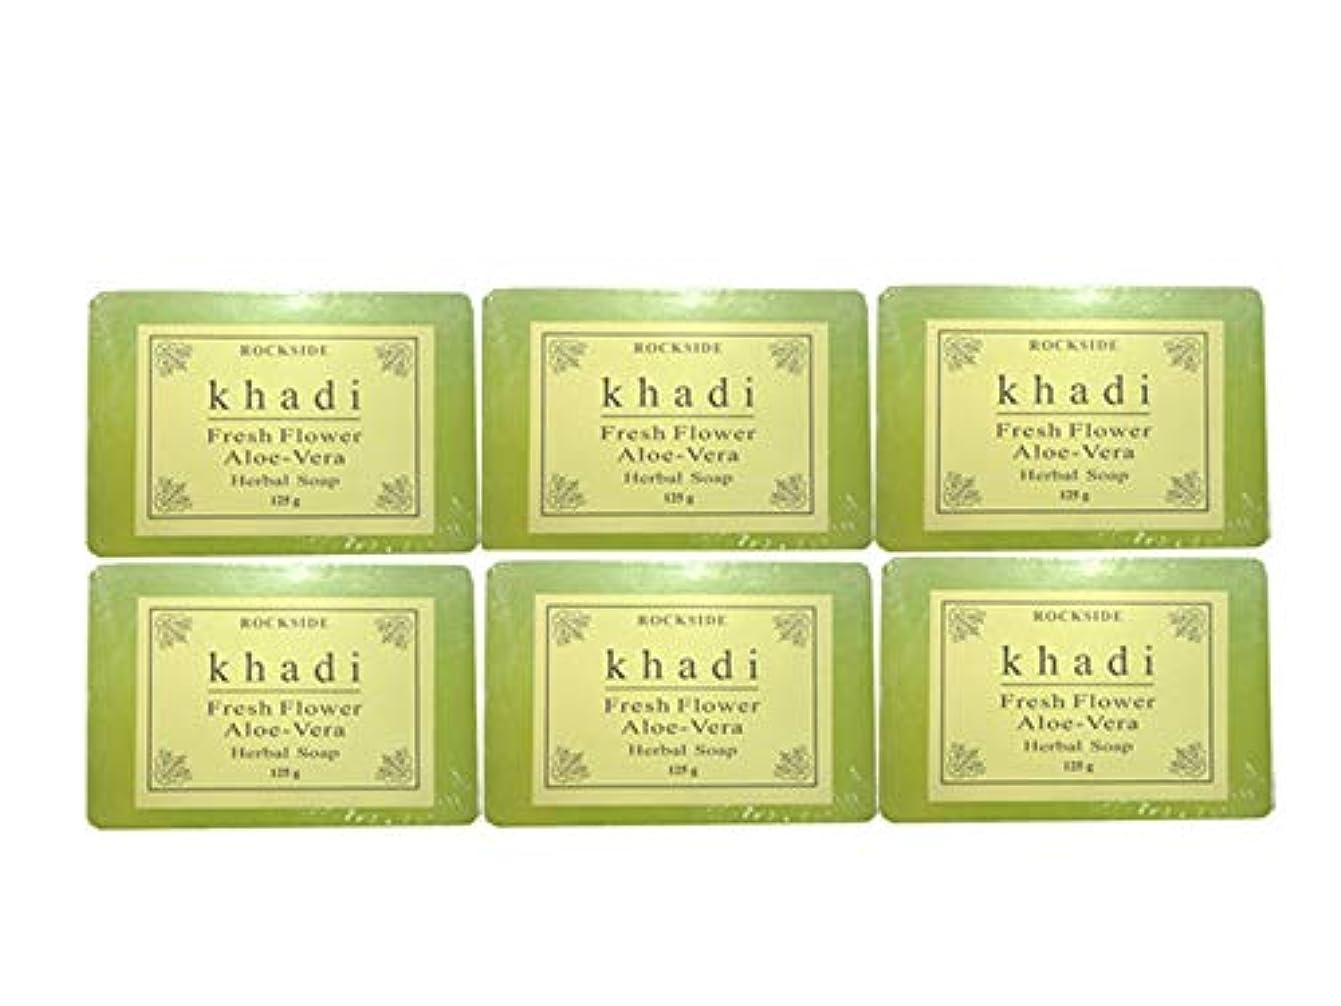 一工夫する爵手作り カーディ フレッシュフラワー2 ハーバルソープ Khadi Fresh Flower Aloe-Vera Herbal Soap 6個SET